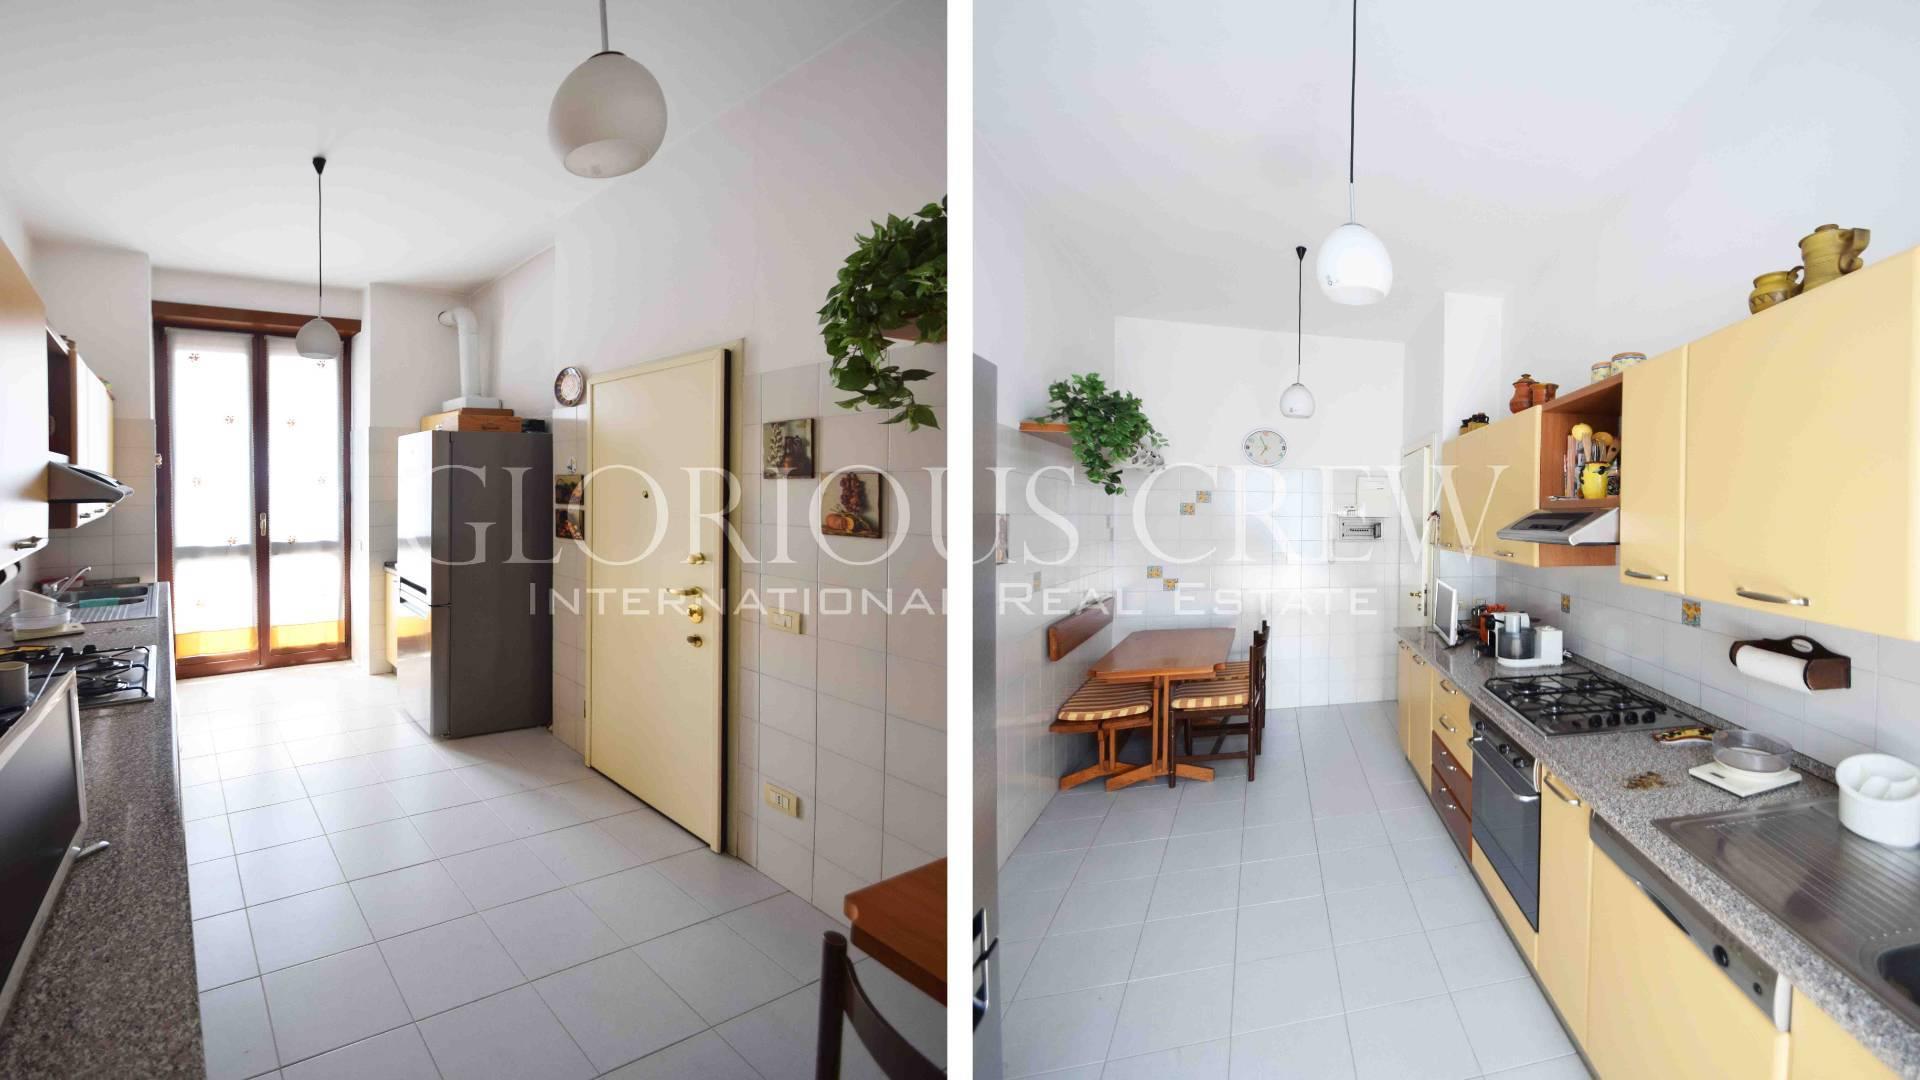 Appartamento in Vendita a Milano: 3 locali, 133 mq - Foto 10